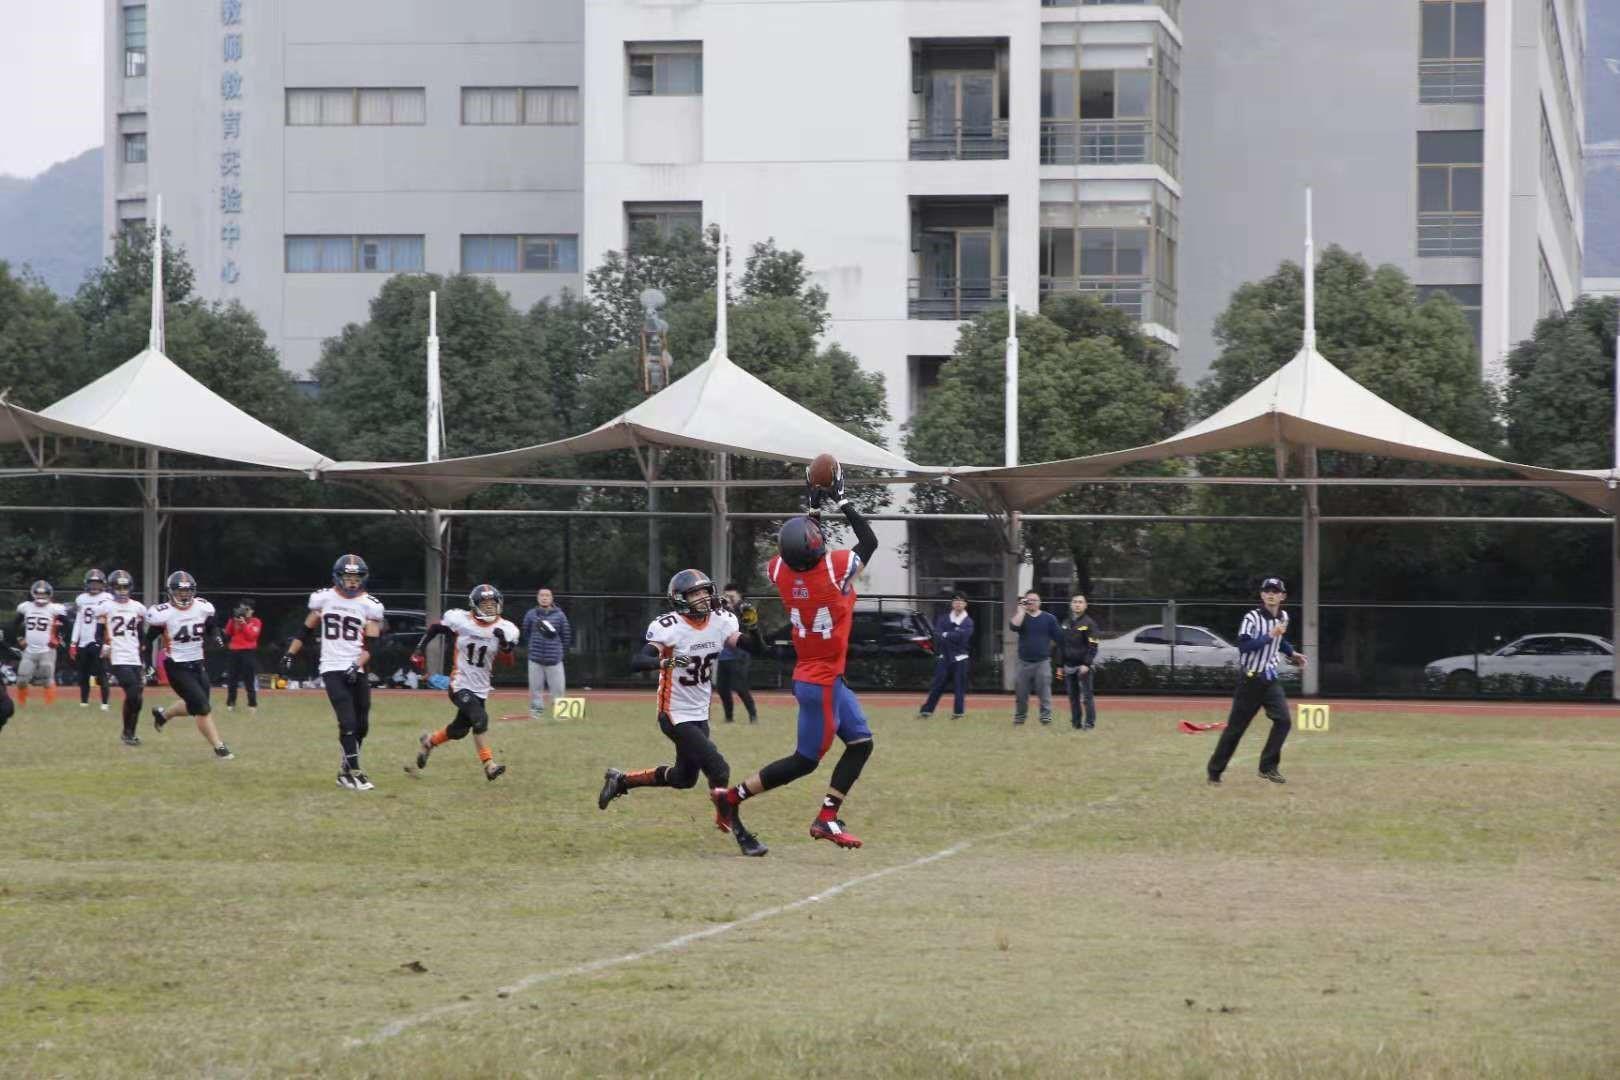 【我,橄不同】我是李亚男,我在经商之城继续自己的橄榄球梦